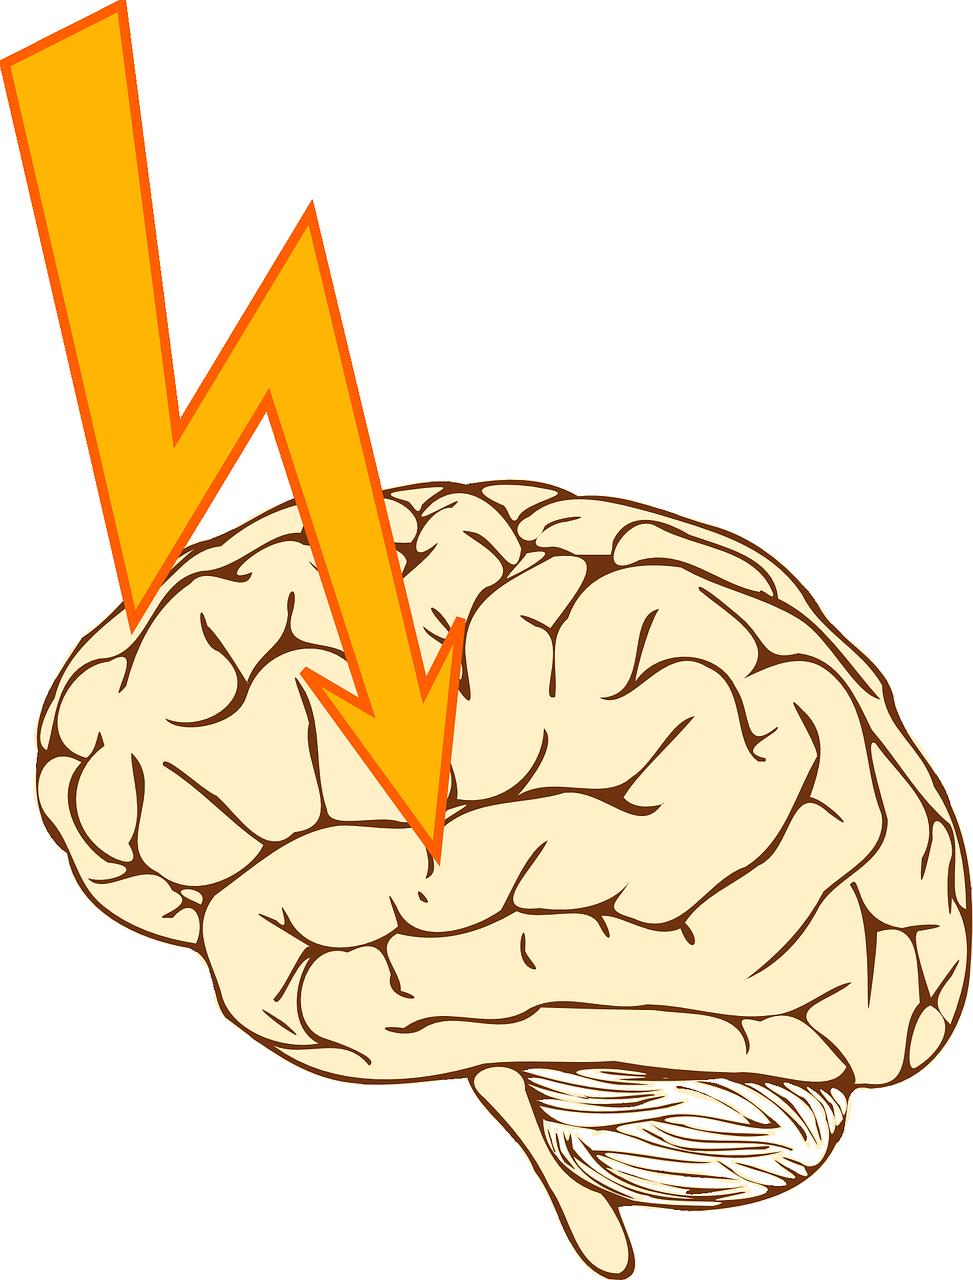 Alguém pode morrer durante uma crise epiléptica? Post 5